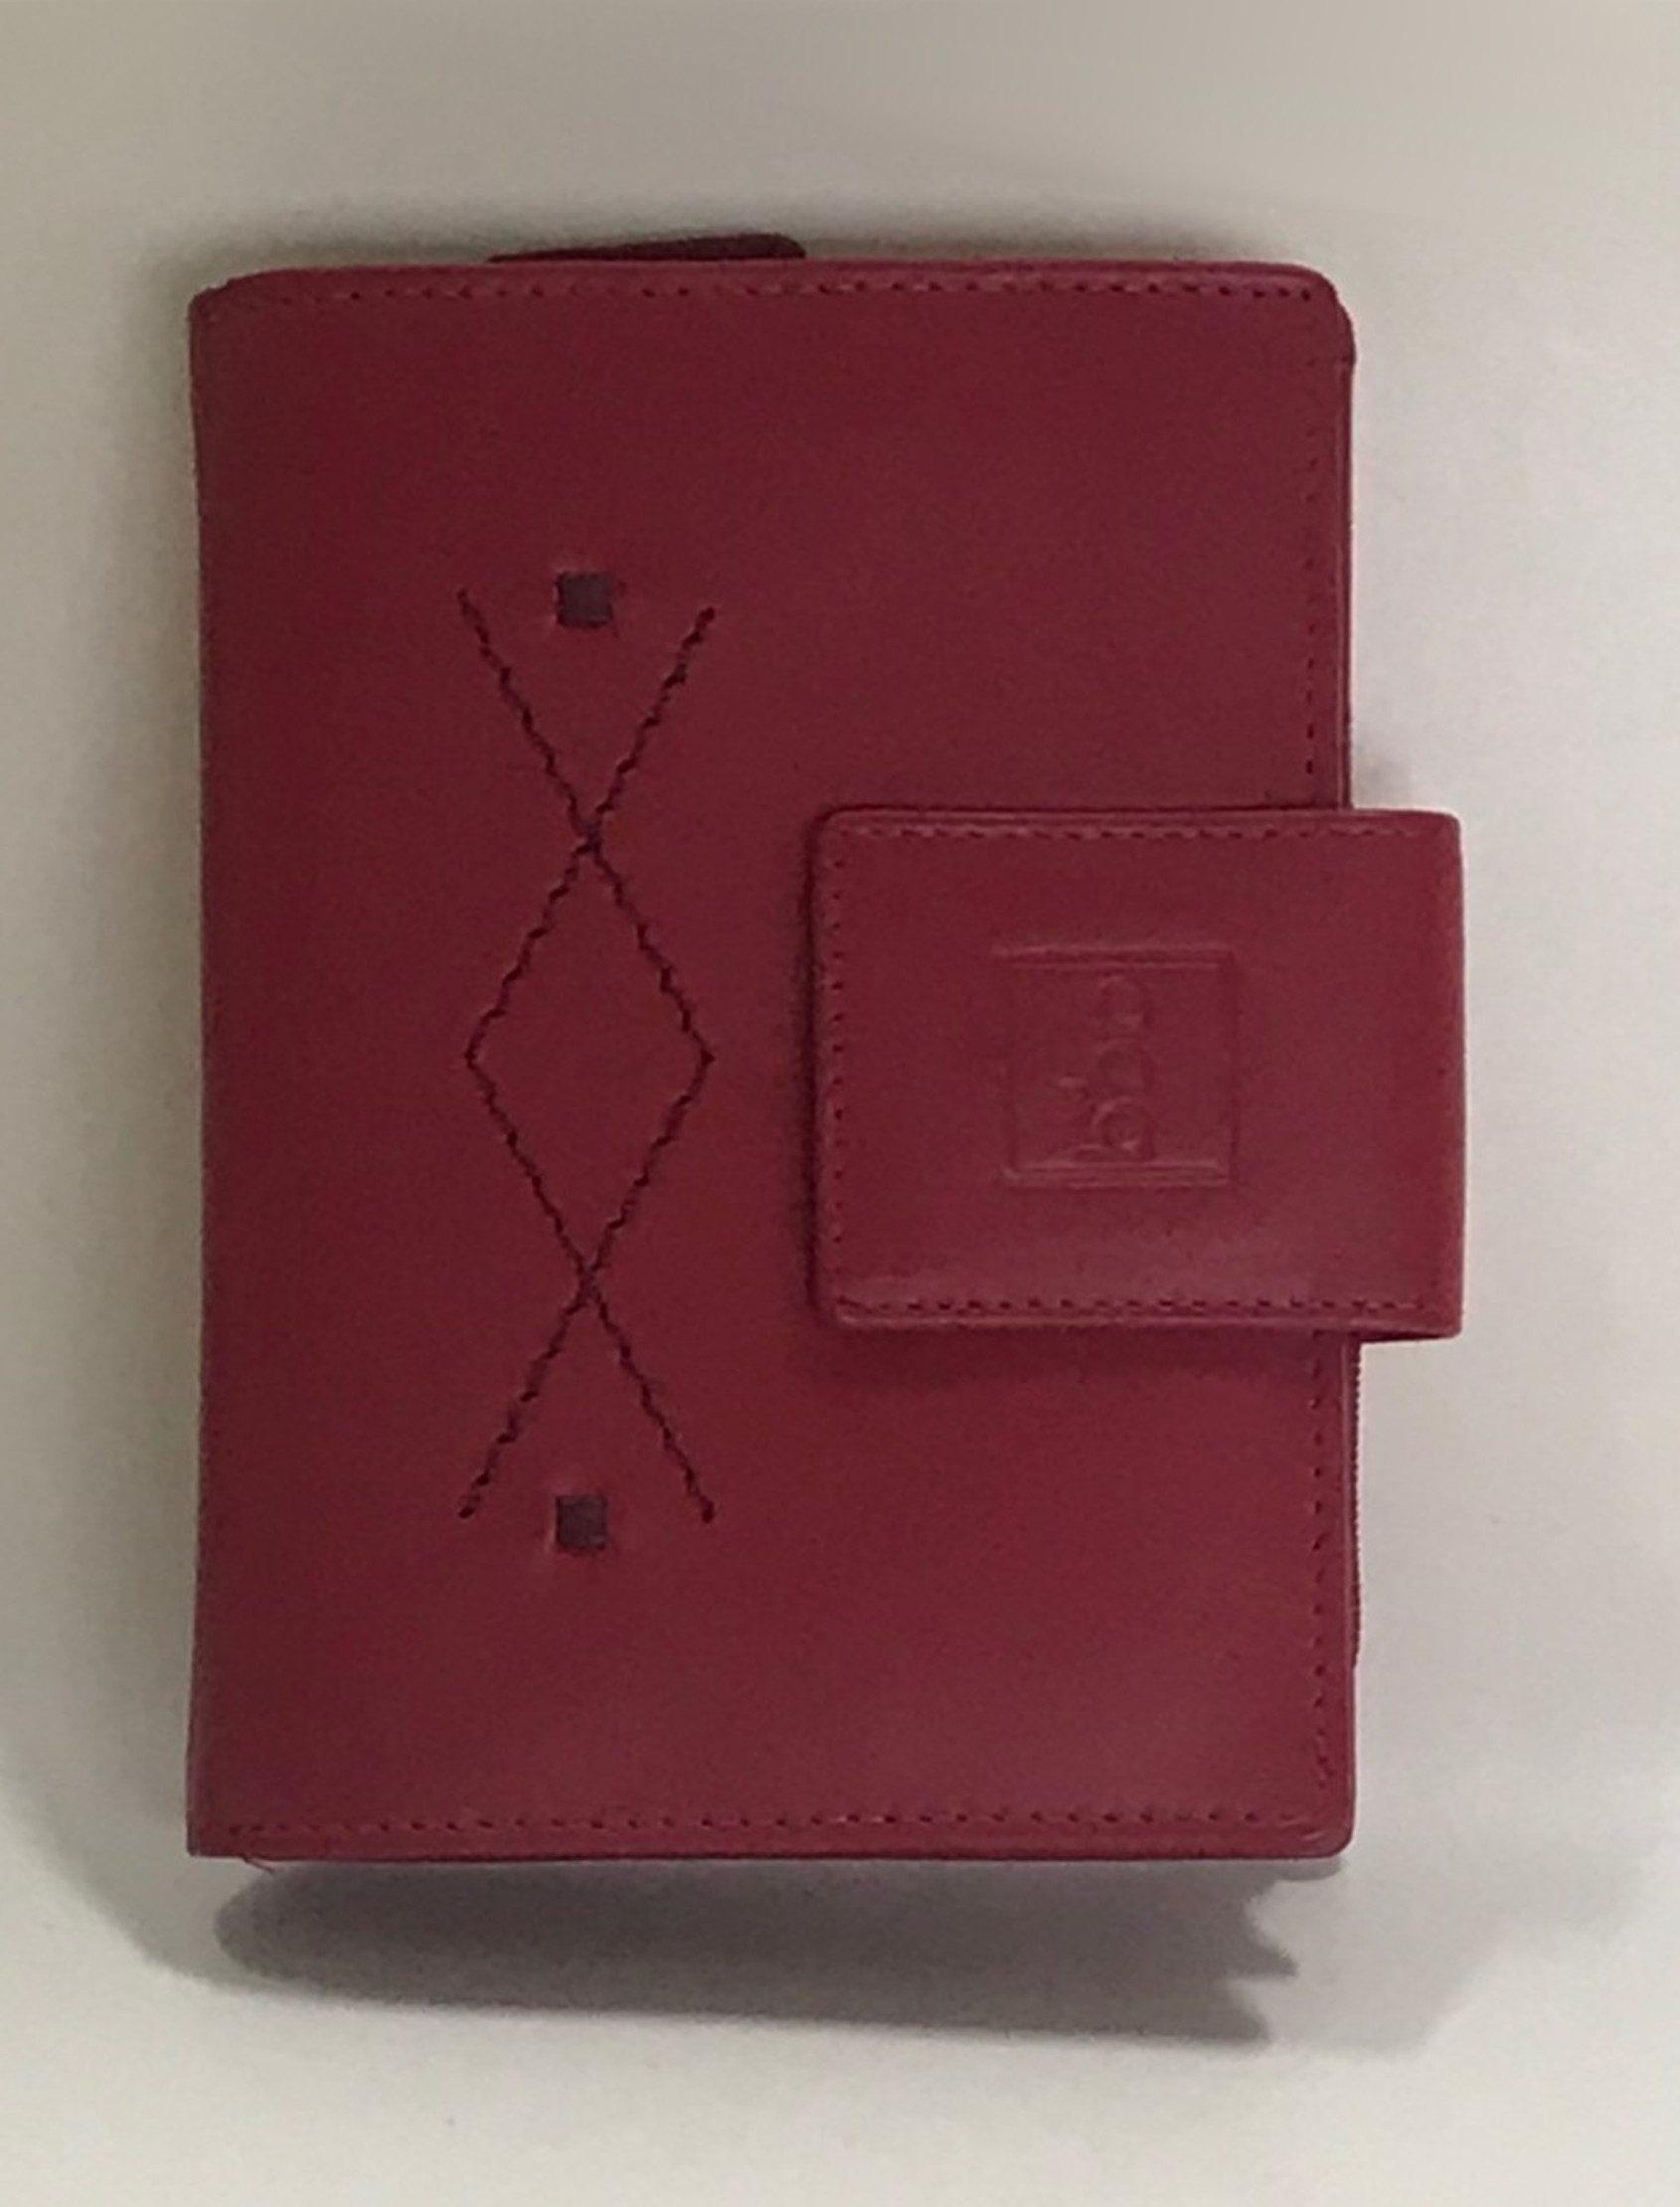 Billetera de señora en piel rojo. Monedero con cierre de cremallera con dos departamentos más otro bolsillo con cremallera. Espacio para 11 tarjetas.